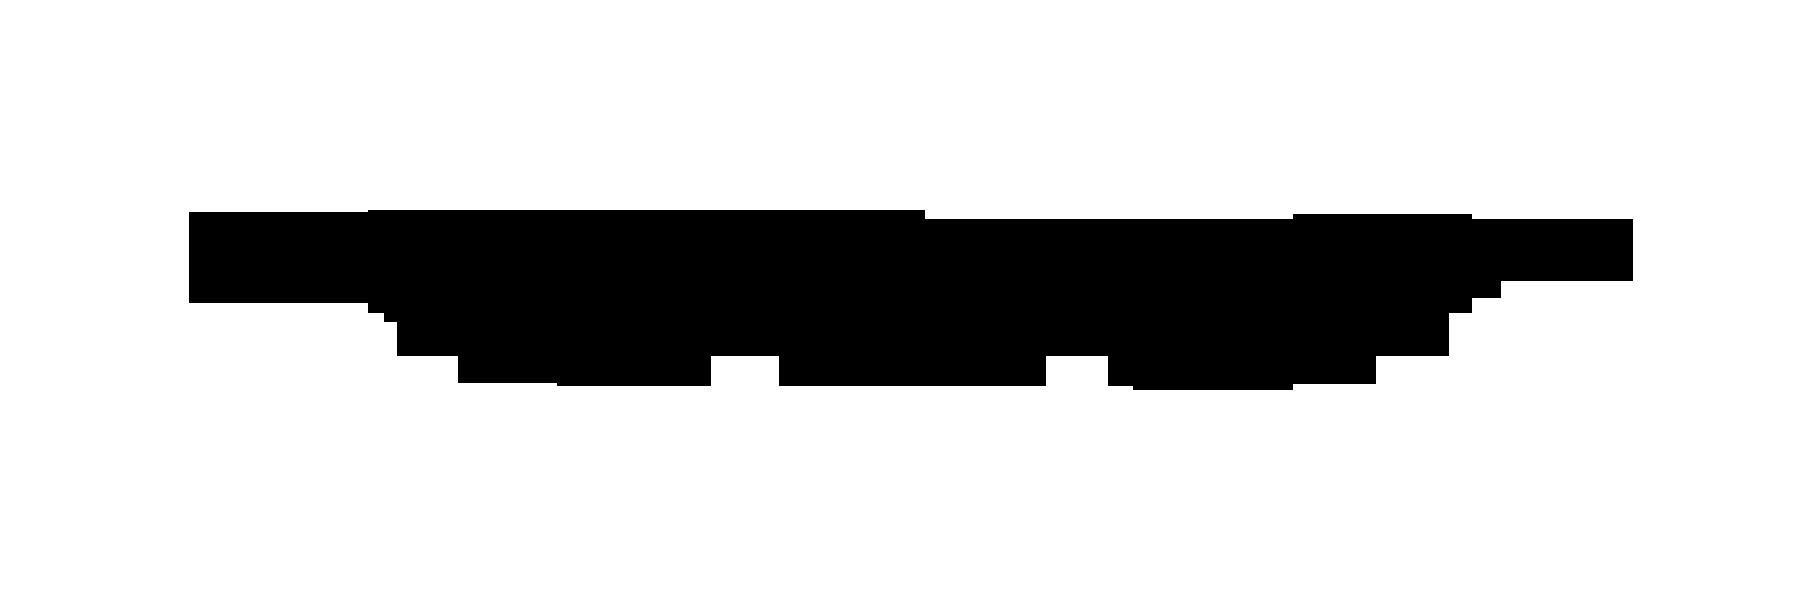 Image result for page divider transparent background